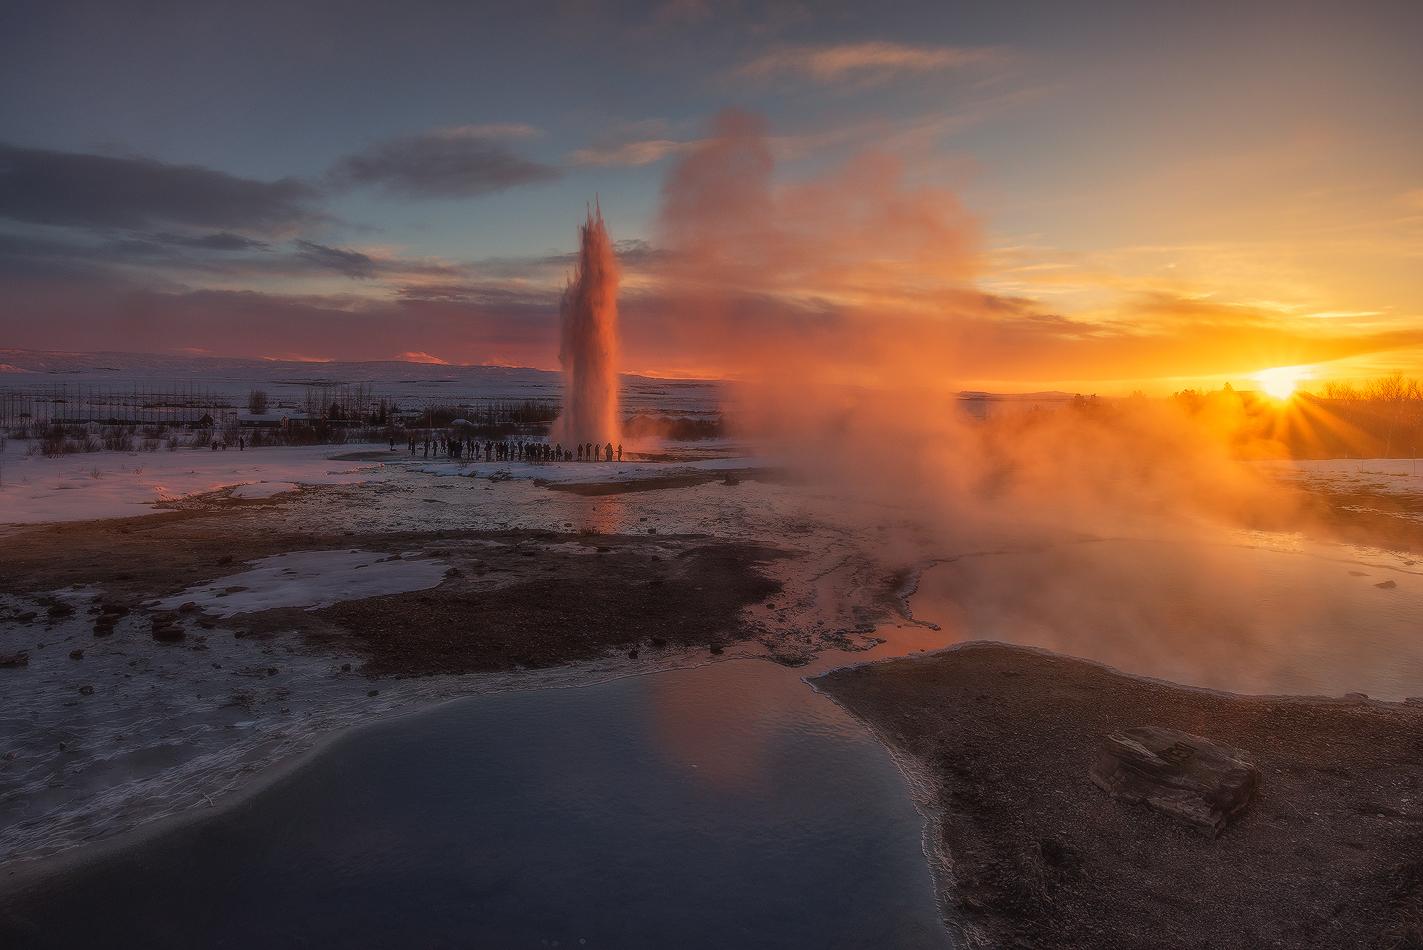 El poderoso géiser Strokkur entra en erupción rutinariamente cada cinco o diez minutos, arrojando enormes cantidades de agua en el cielo invernal de Islandia.